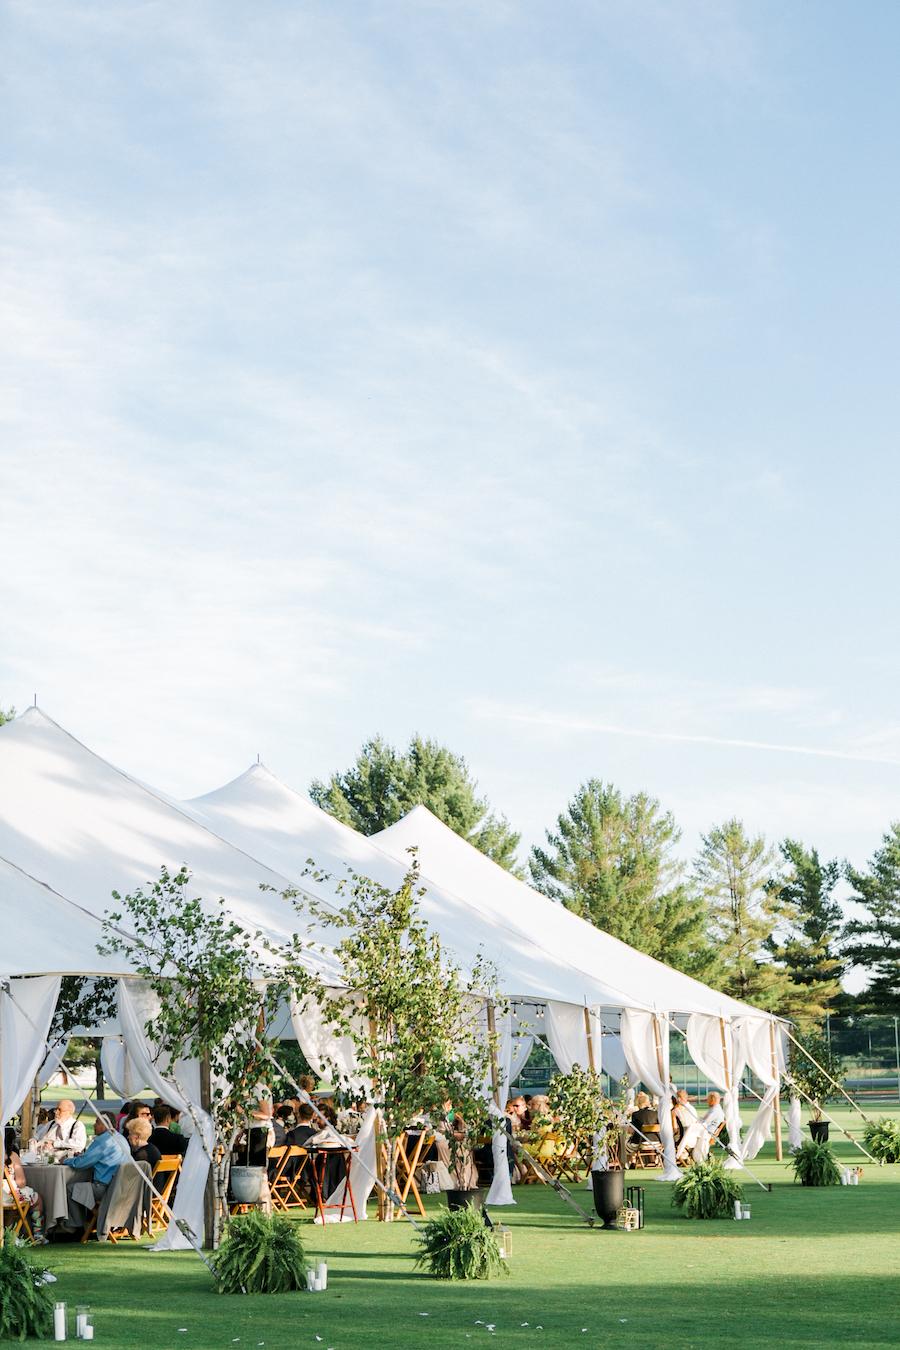 A garden themed outdoor tented wedding